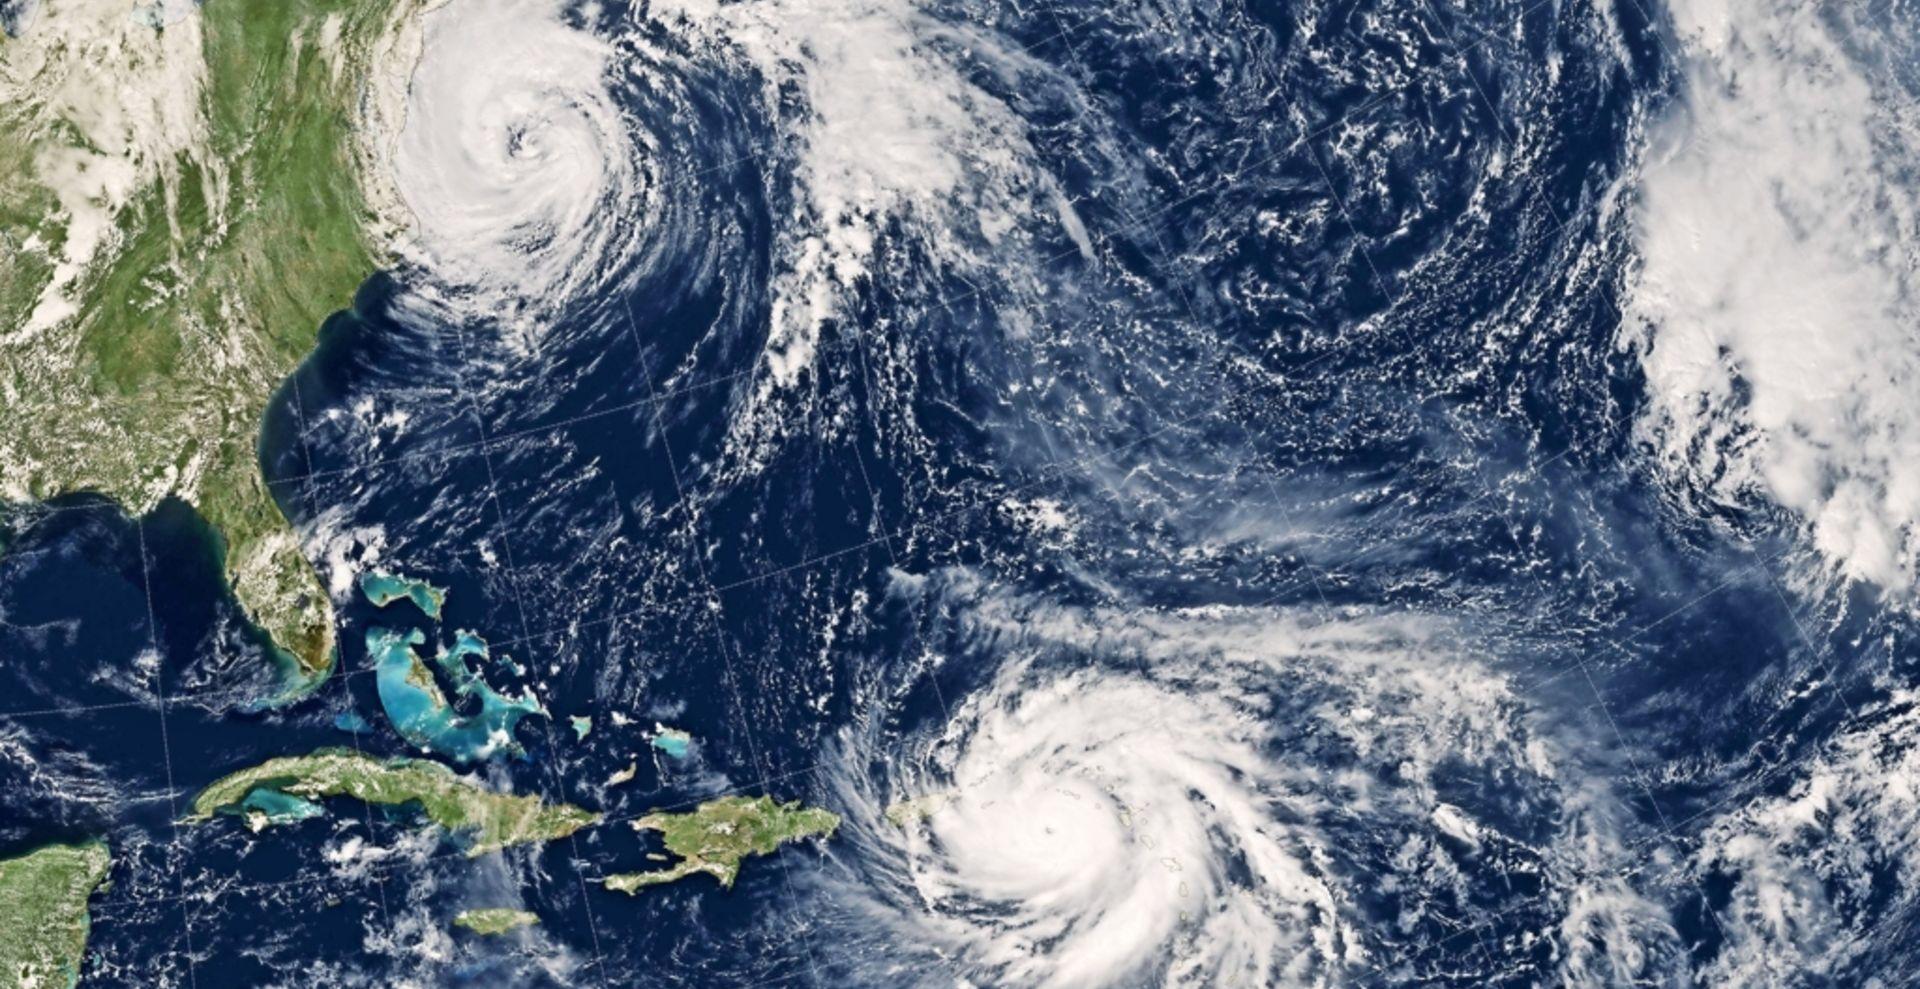 Broj žrtava uragana Maria u Portoriku povećan sa 64 na 2975